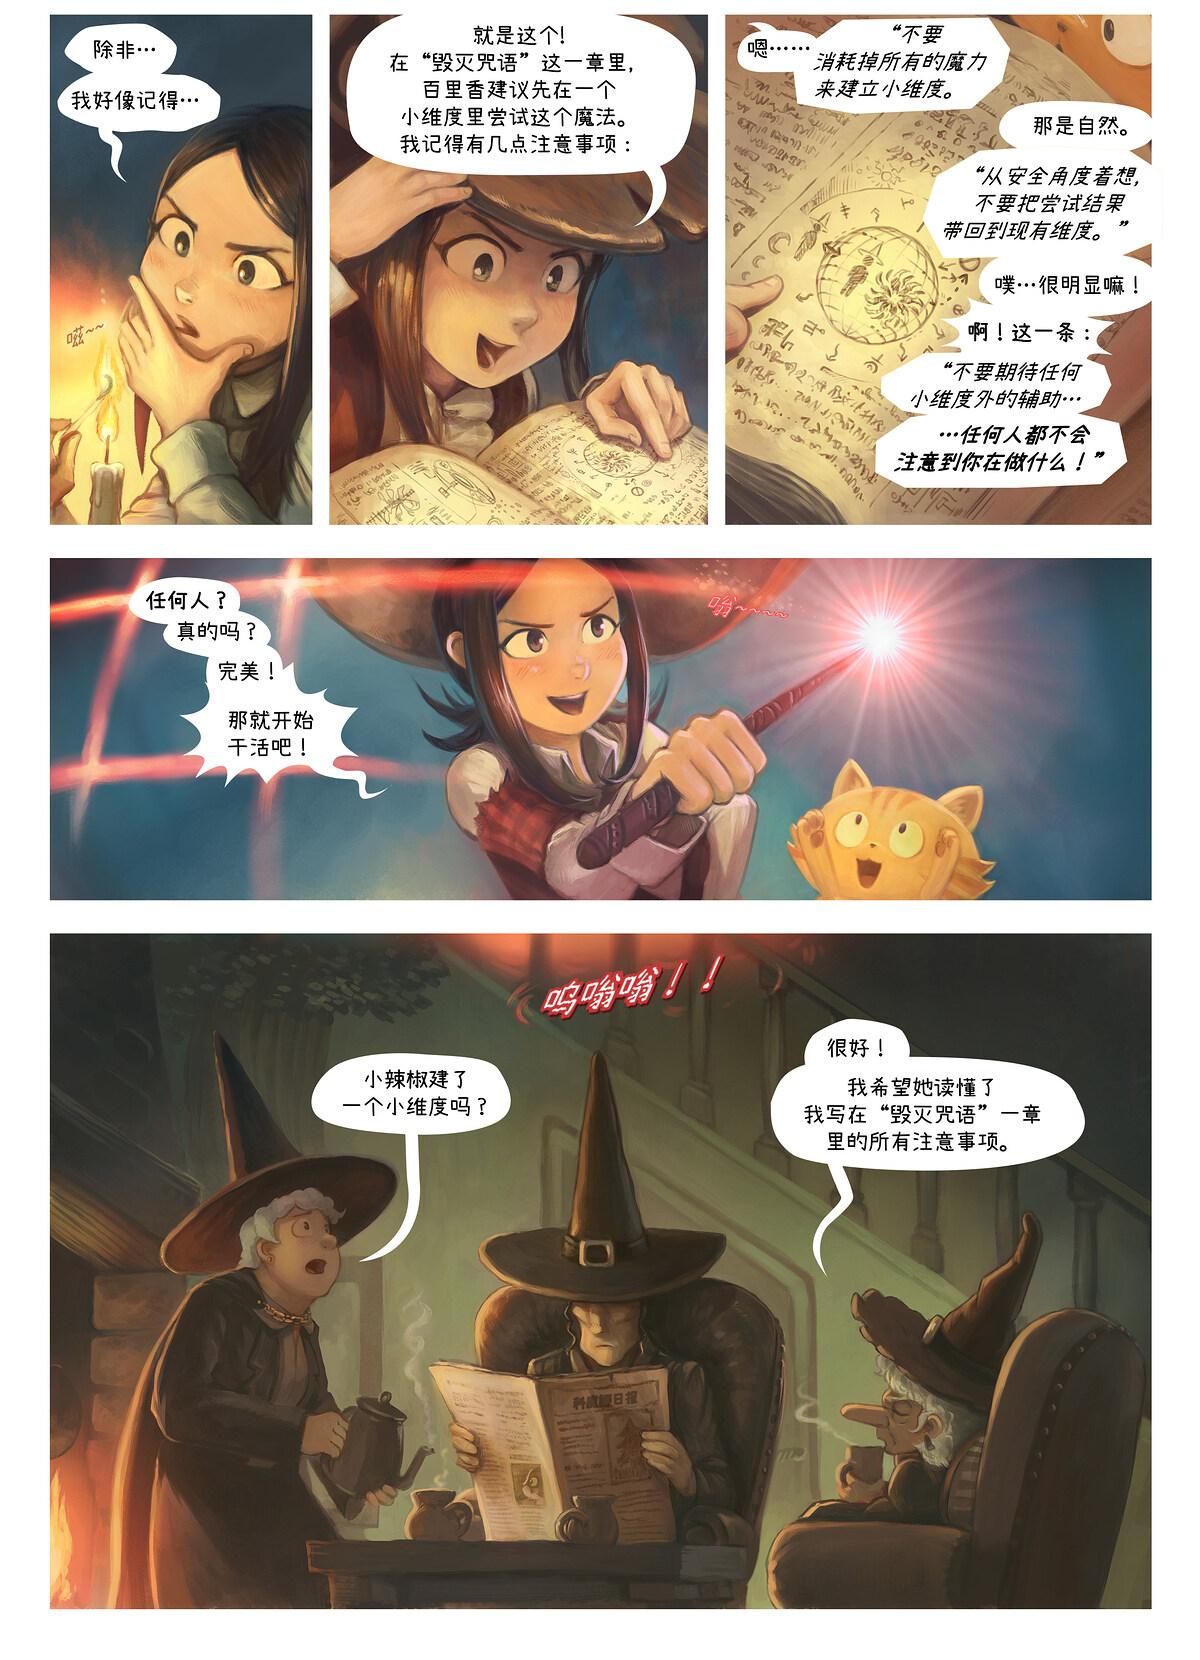 第24集:团结树, Page 3